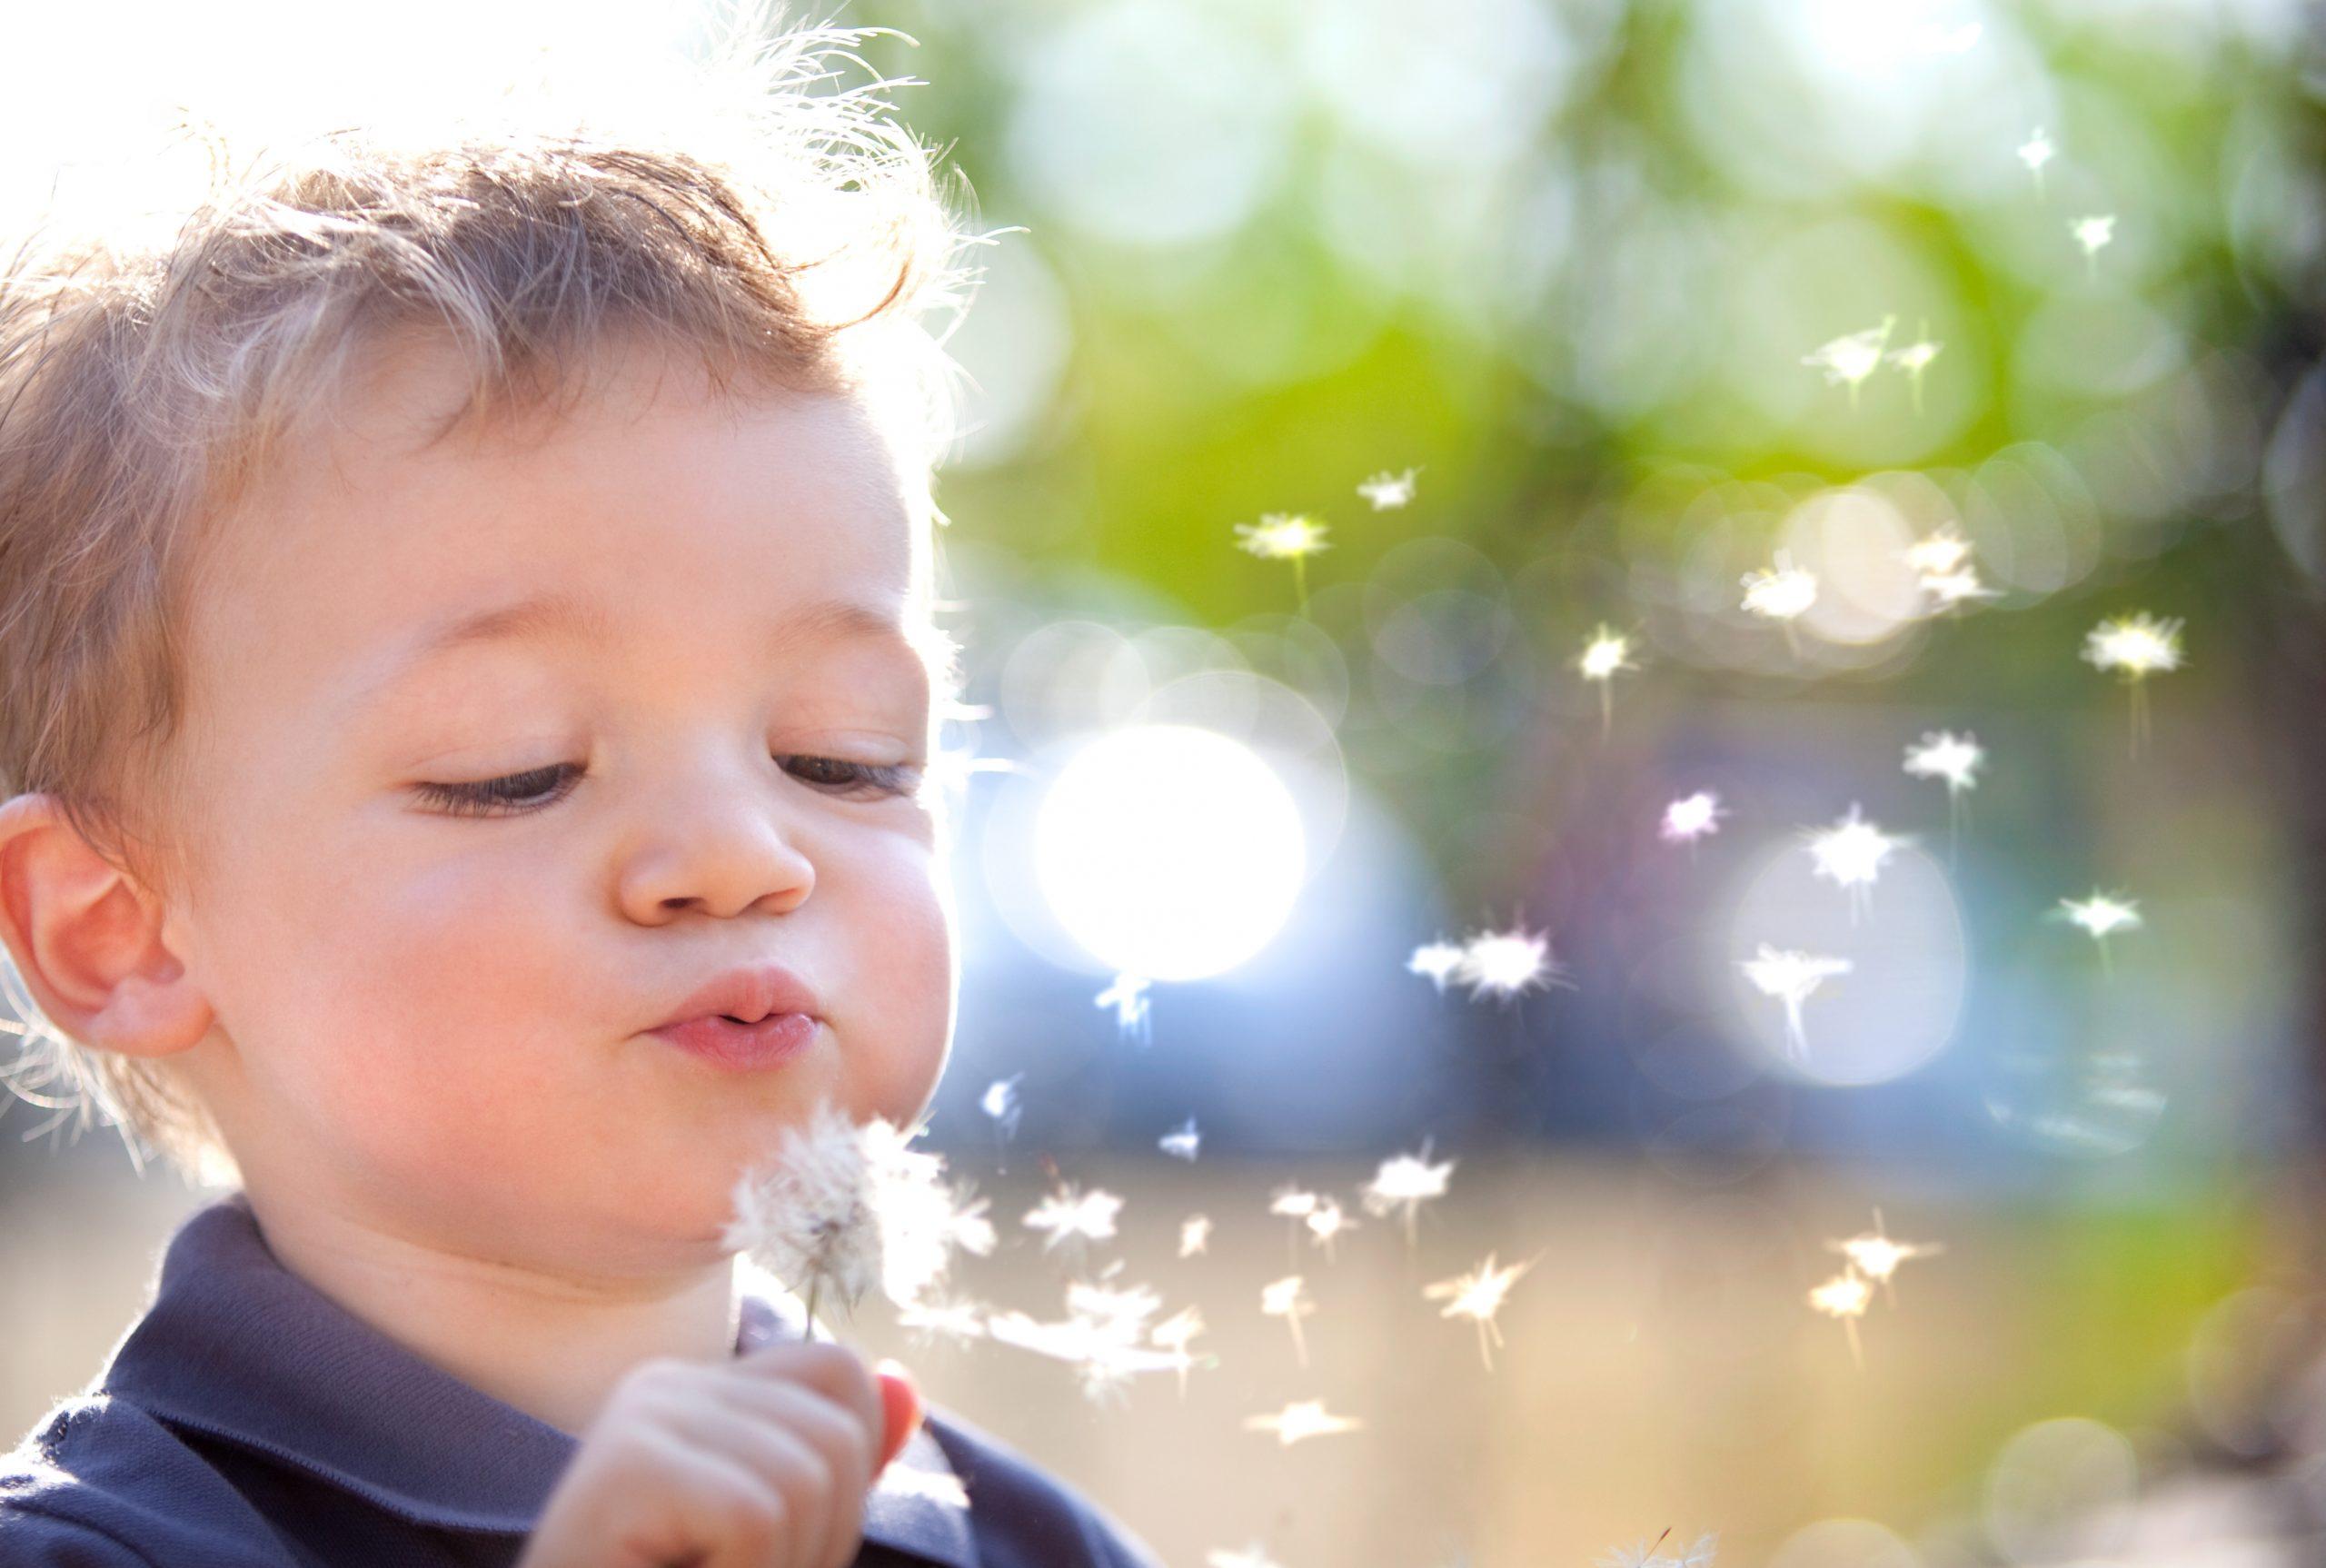 Curso Processamento Somatossensorial (tátil e proprioceptivo) em crianças Identificação, abordagem e estratégias de tratamento com Mary Hallway